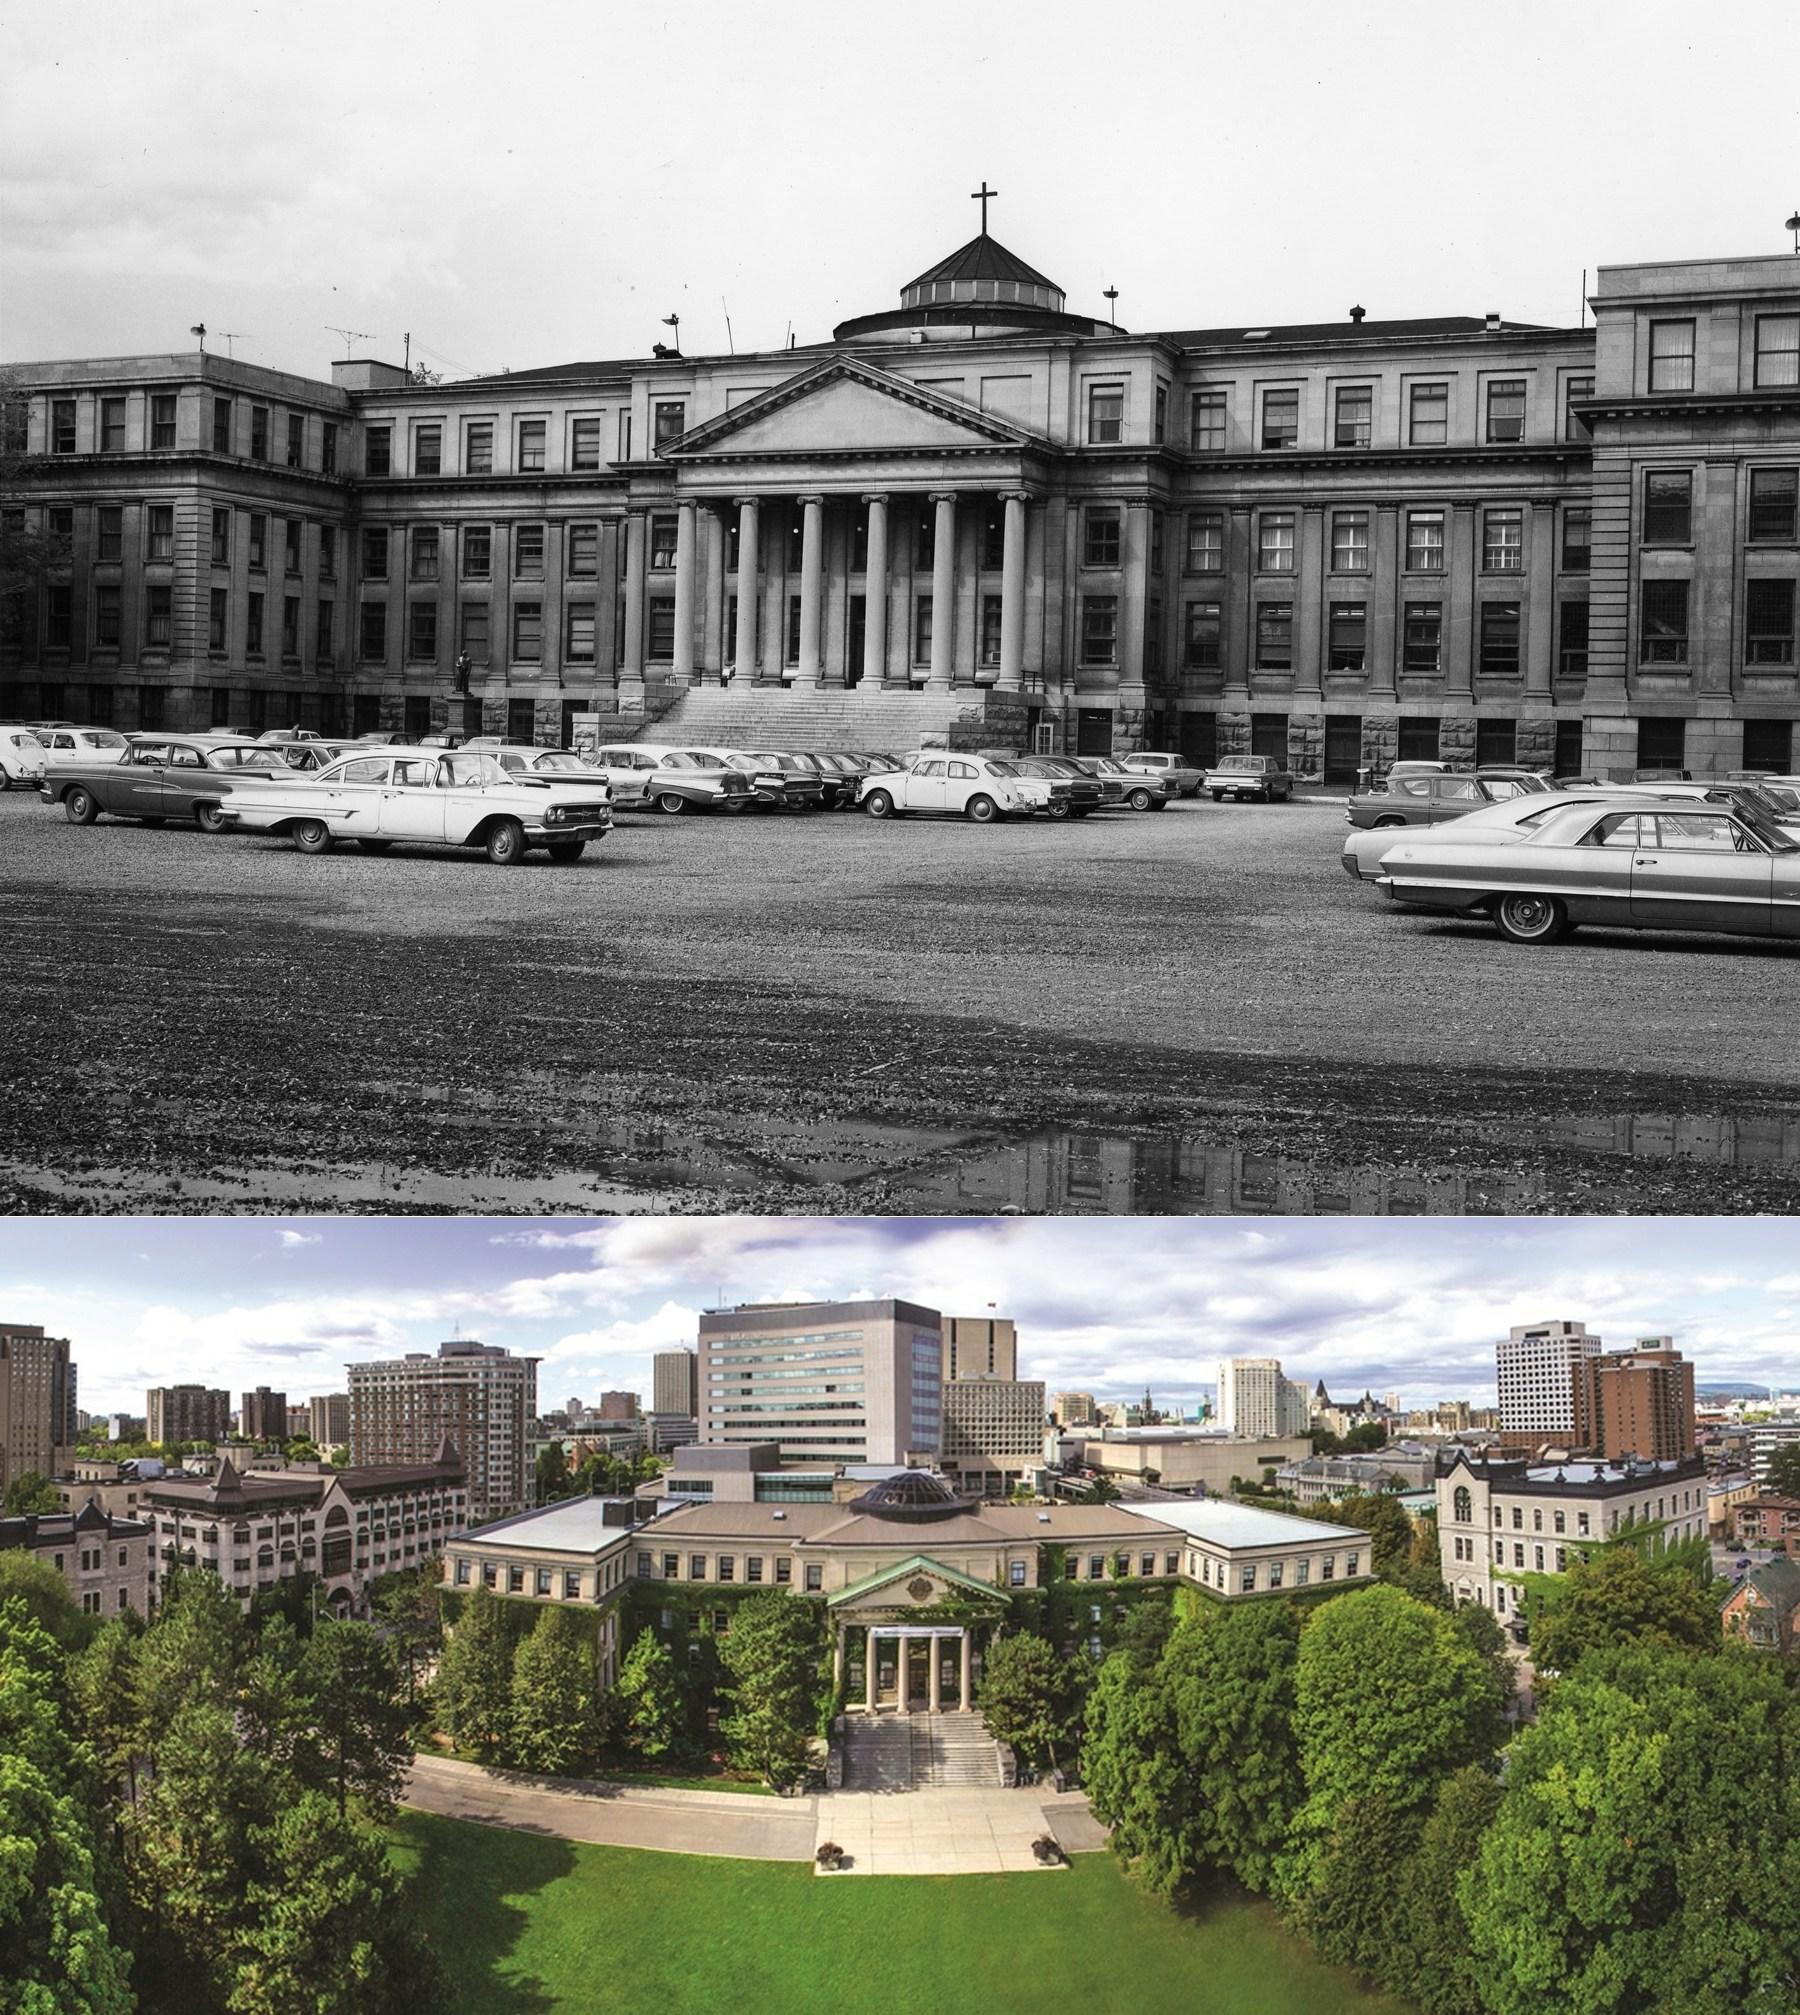 Hình trên: Tabaret Hall Đại học Ottawa những năm 1960. Hình dưới: Bãi đậu xe nay đã là sân cỏ xanh rì. Nguồn: http://thesustainabilitree.blogspot.ca/ & www.gazette.uottawa.ca